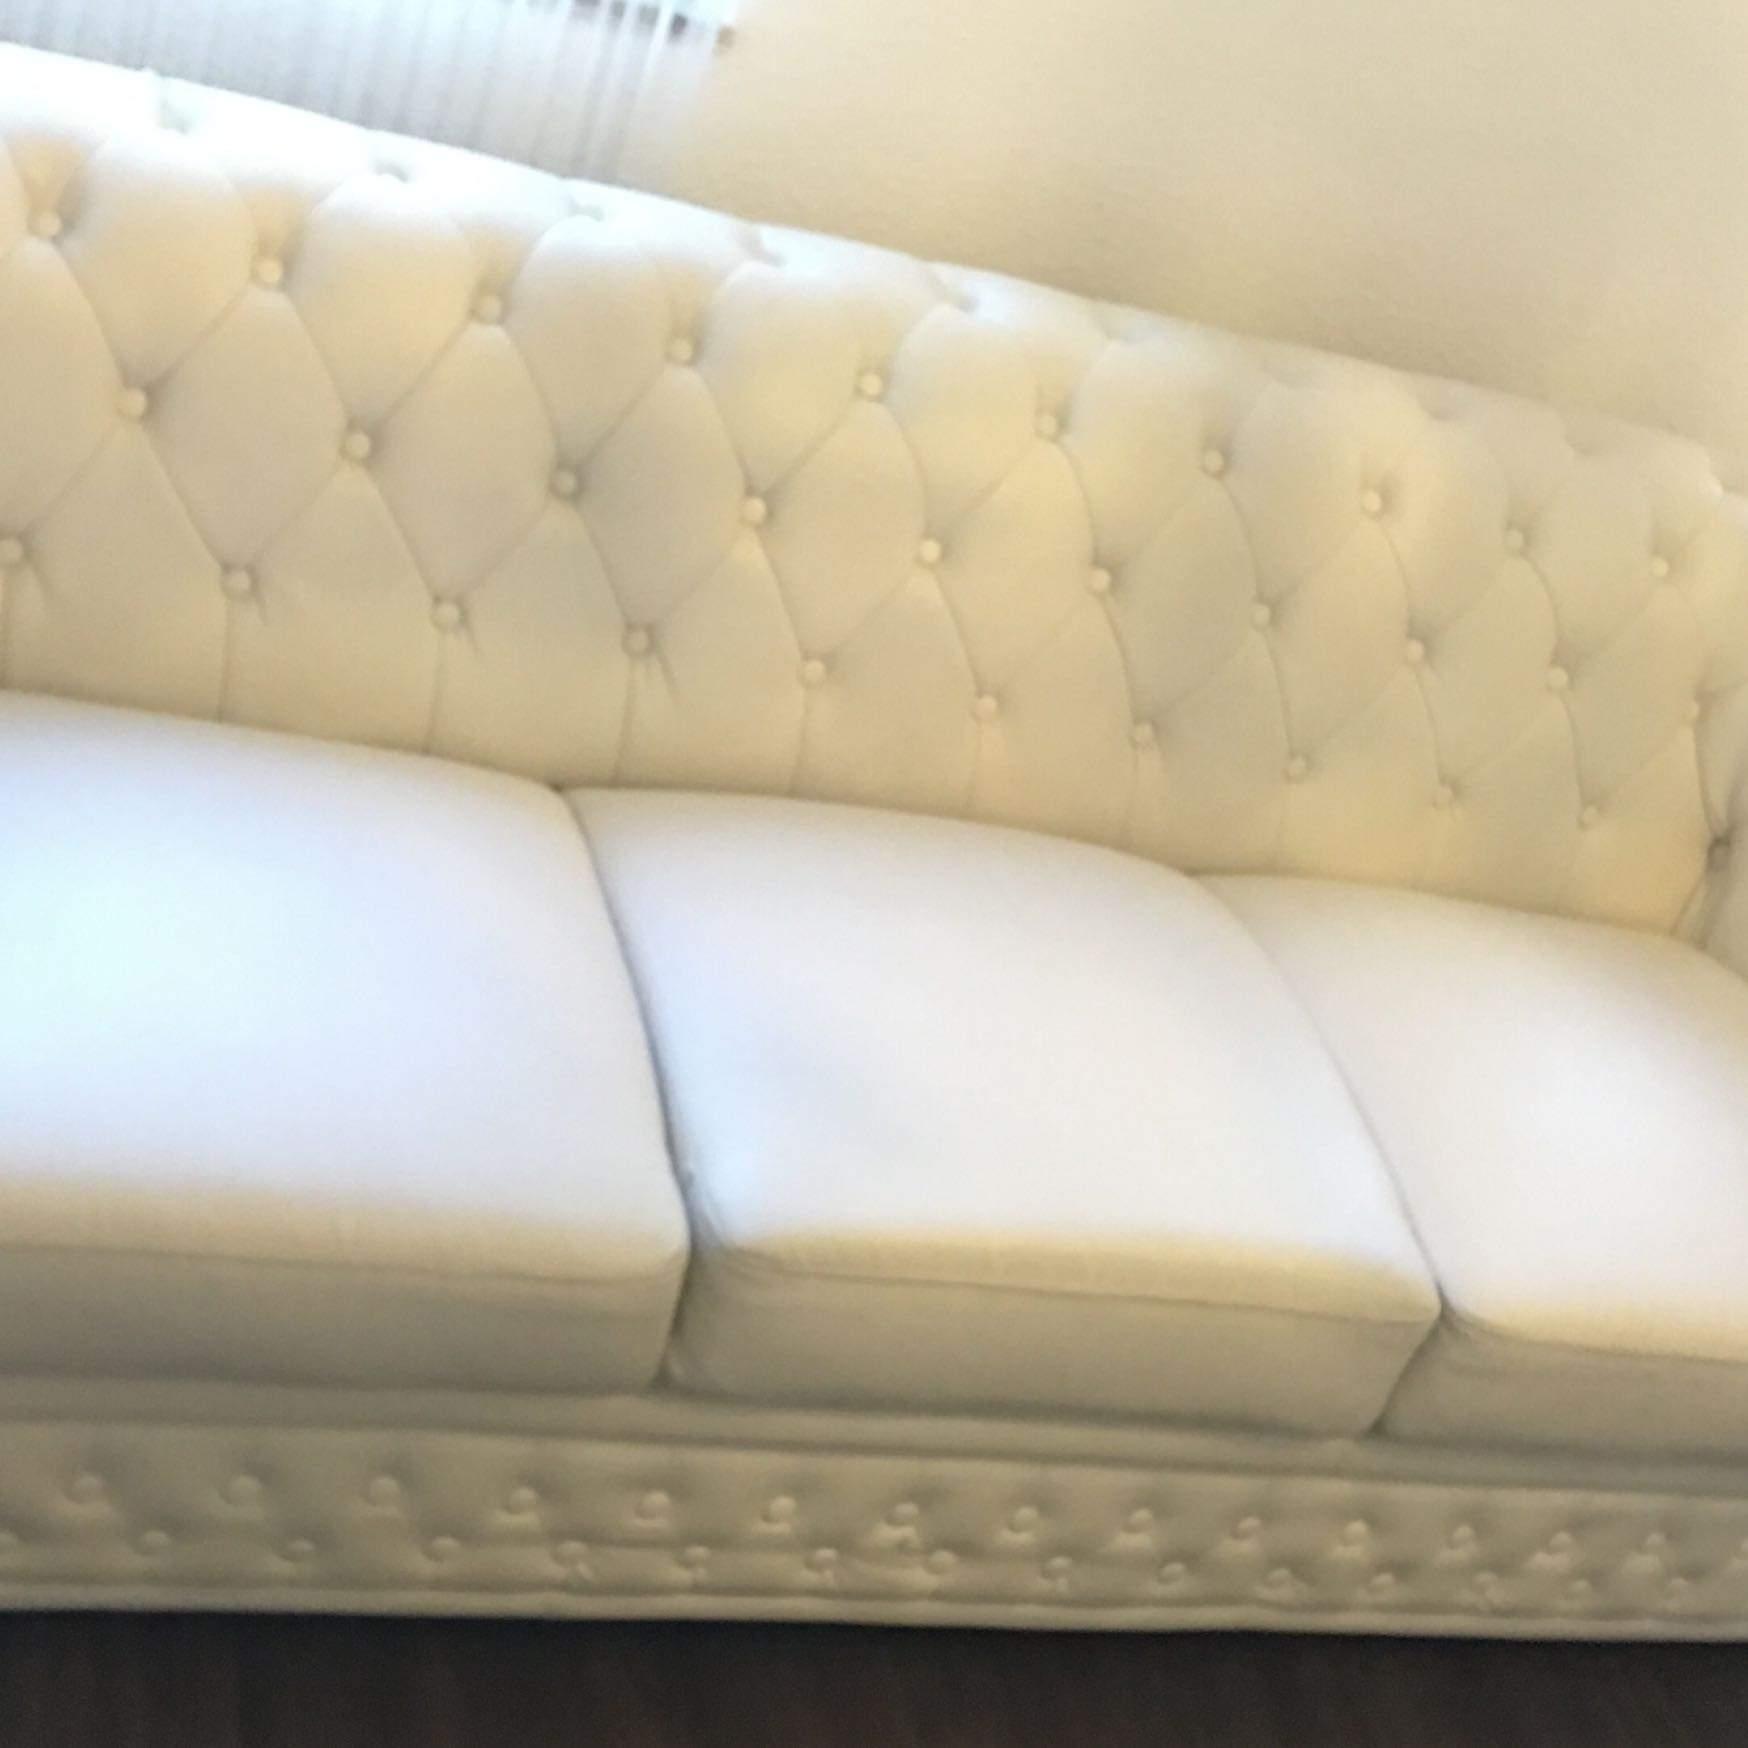 Hilfe! Weiße Kunstleder Couch wieder sauber bekommen?